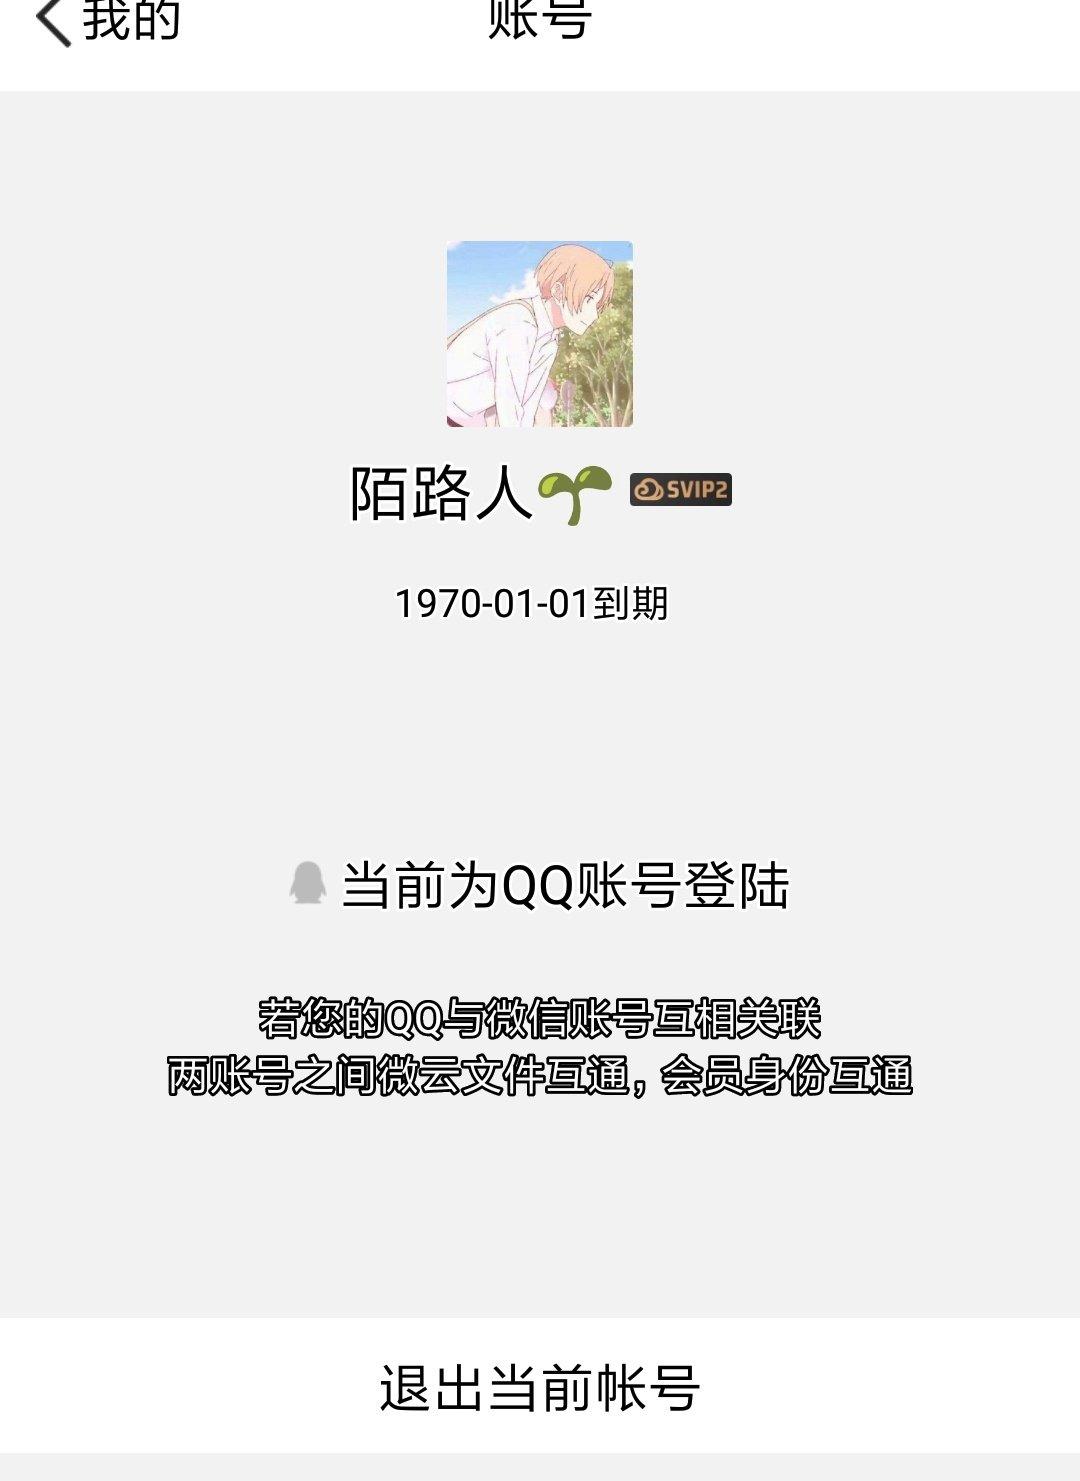 安卓微云v6.6.8破解VIP版/谷歌修改版